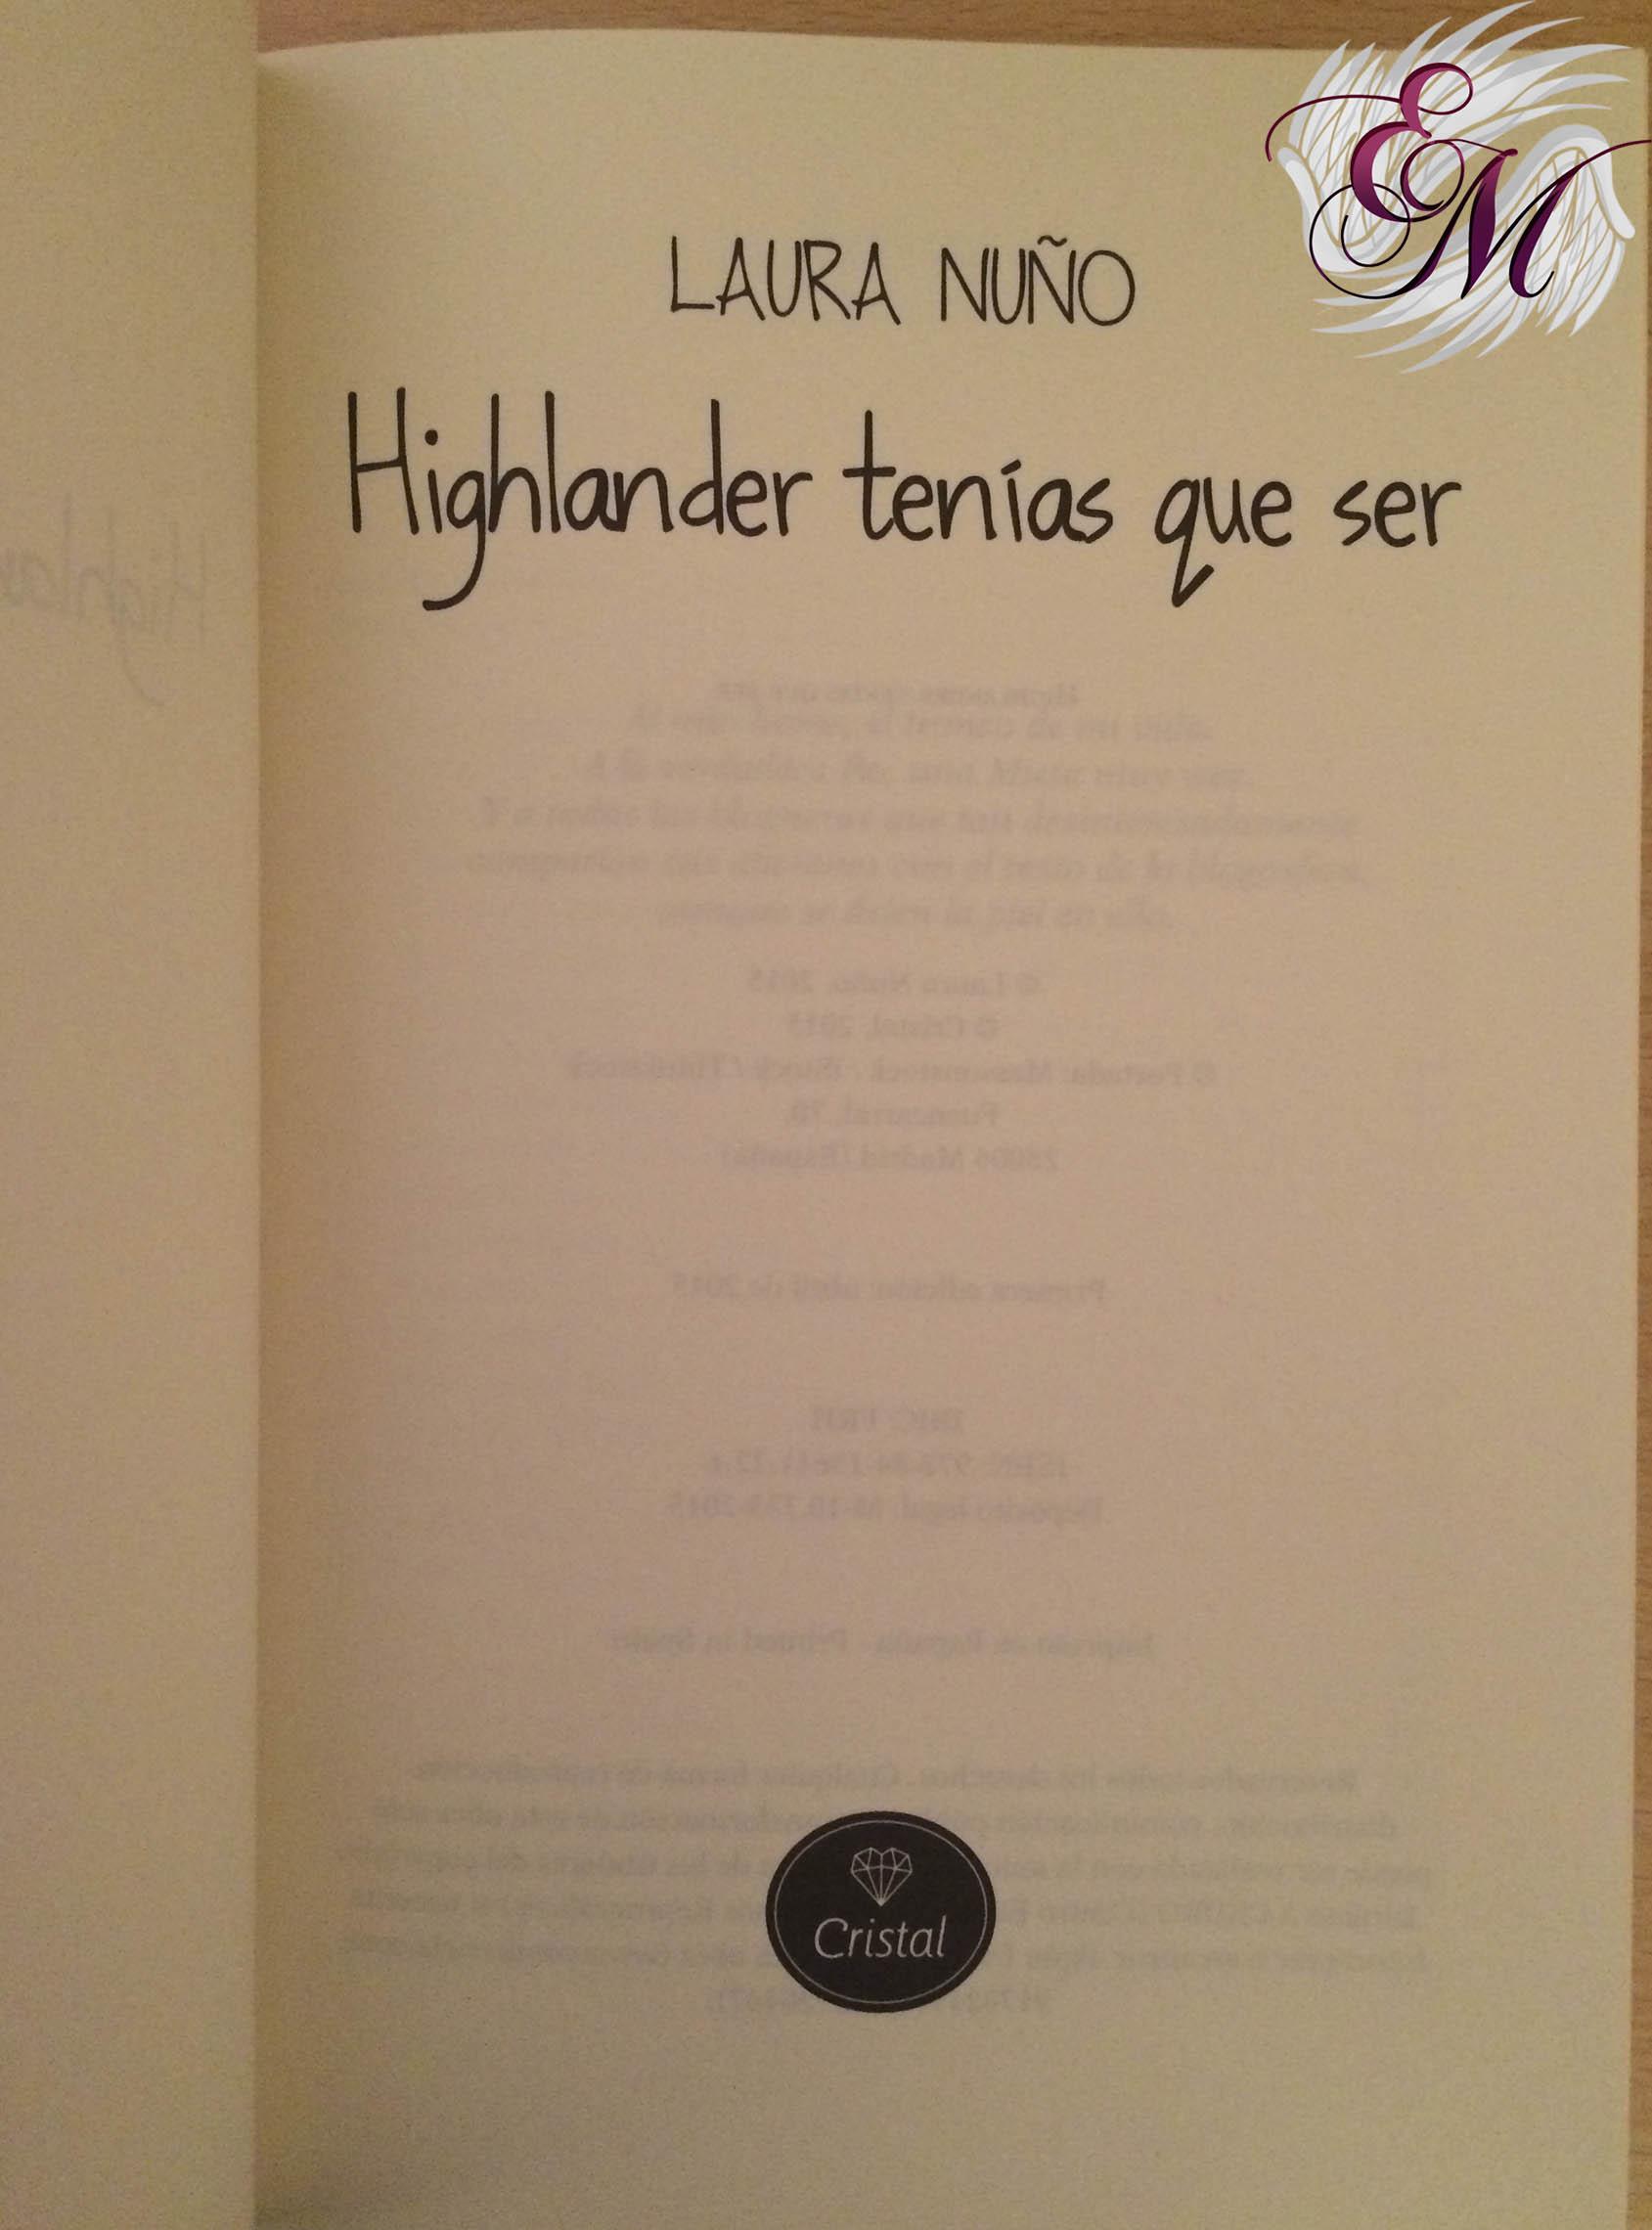 Highlander tenías que ser, de Laura Nuño - Reseña